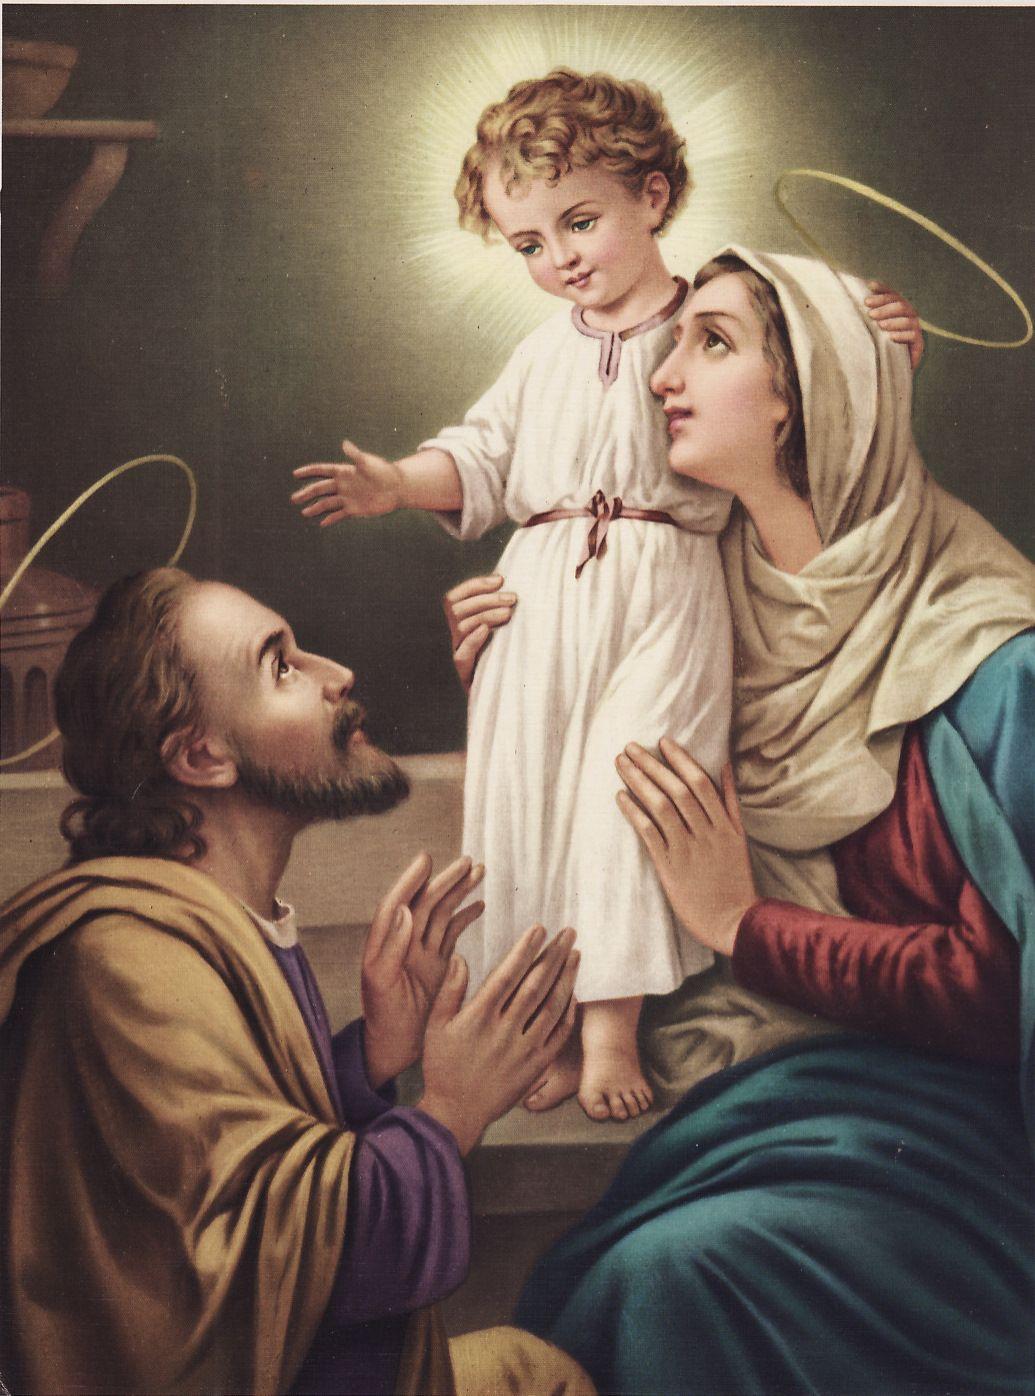 Santos 0015 Jpg 1035 1396 Sagrada Familia De Nazaret Sagrada Familia De Nazareth Familia De Jesus